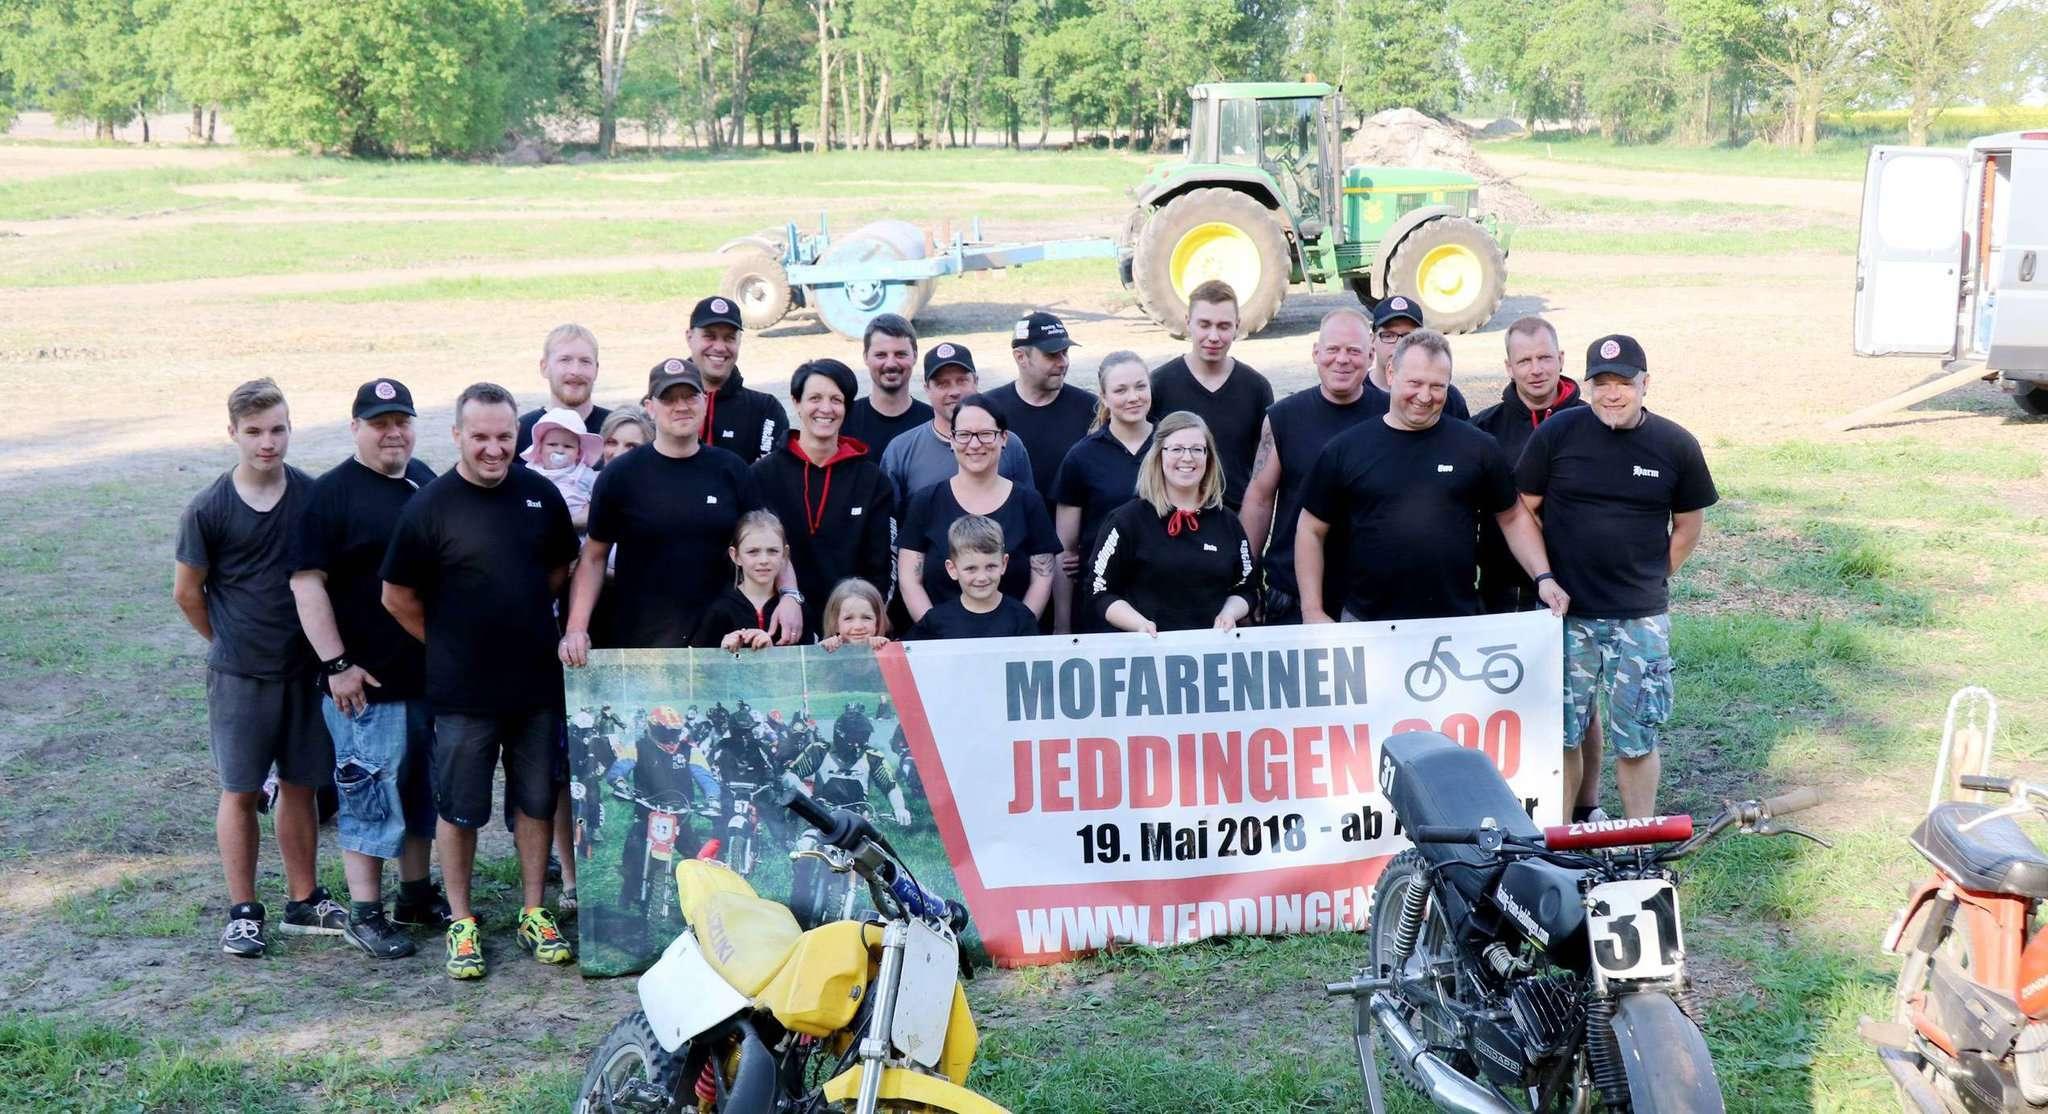 Das Racing-Team Jeddingen freut sich auf das Mofarennen am Pfingstsamstag. Foto: Nina Baucke